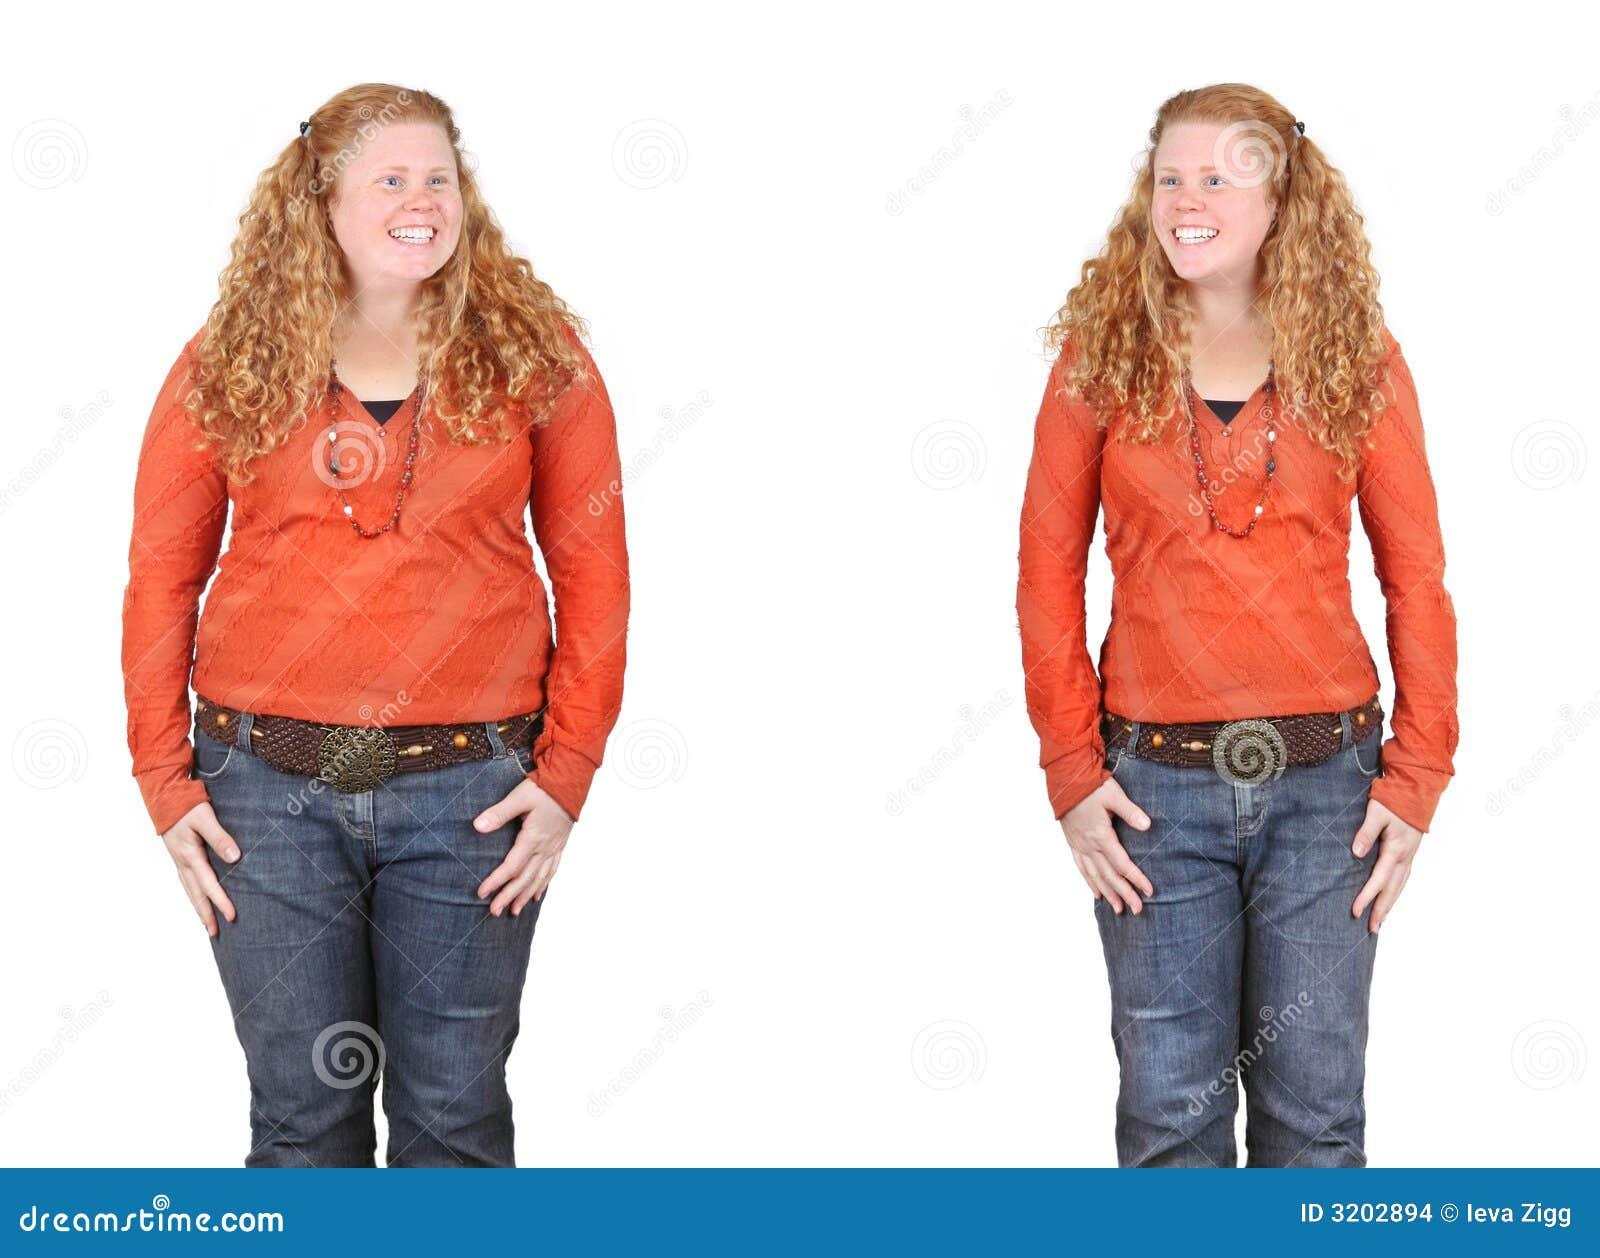 es posible bajar 10 kilos en dos semanas